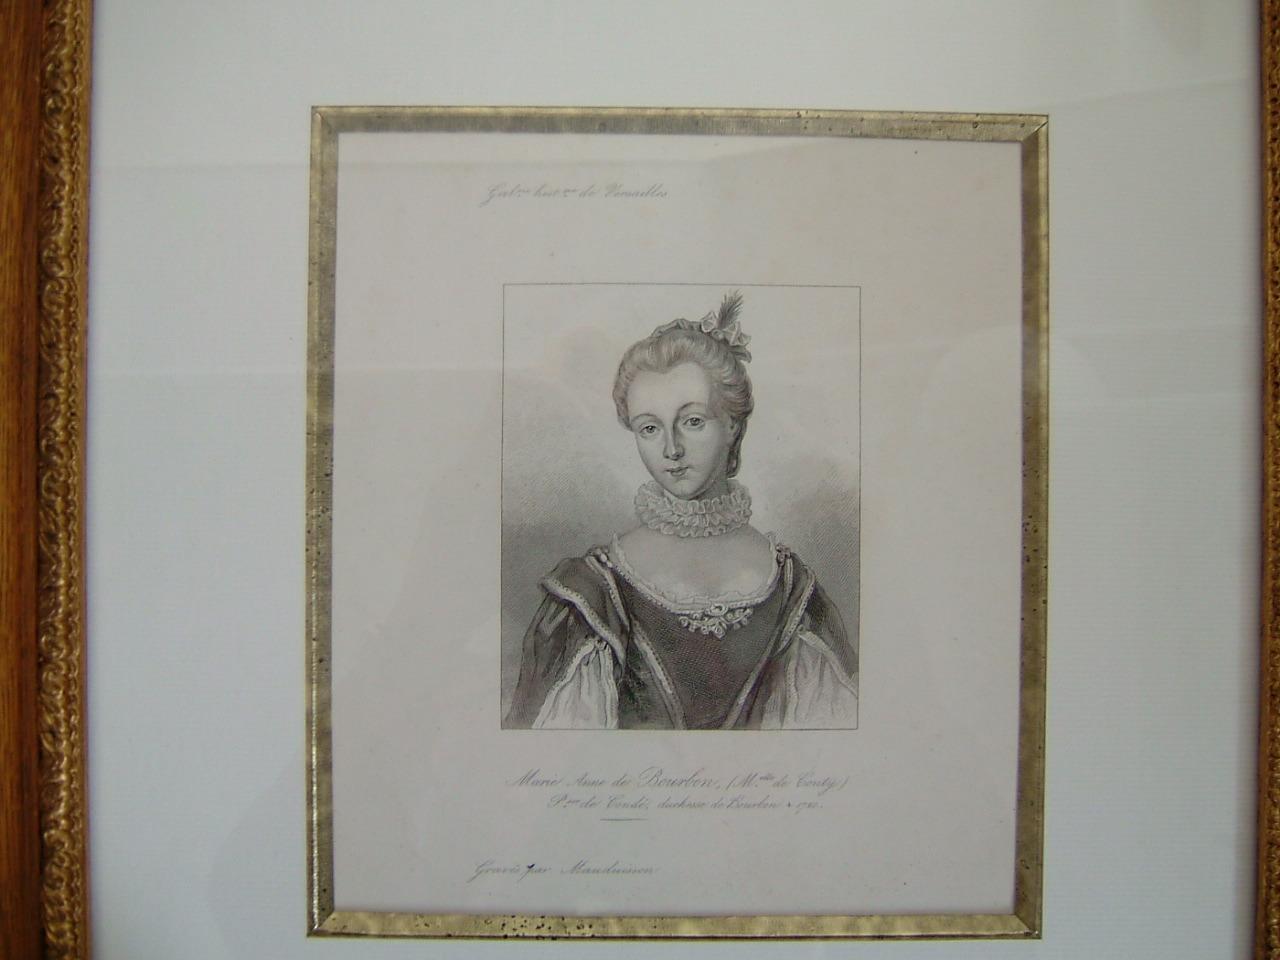 Marie Anne de Bourbon, (Melle de Conty) Princesse de Condé, Duchesse de Bourbon, décédée en 1720_0